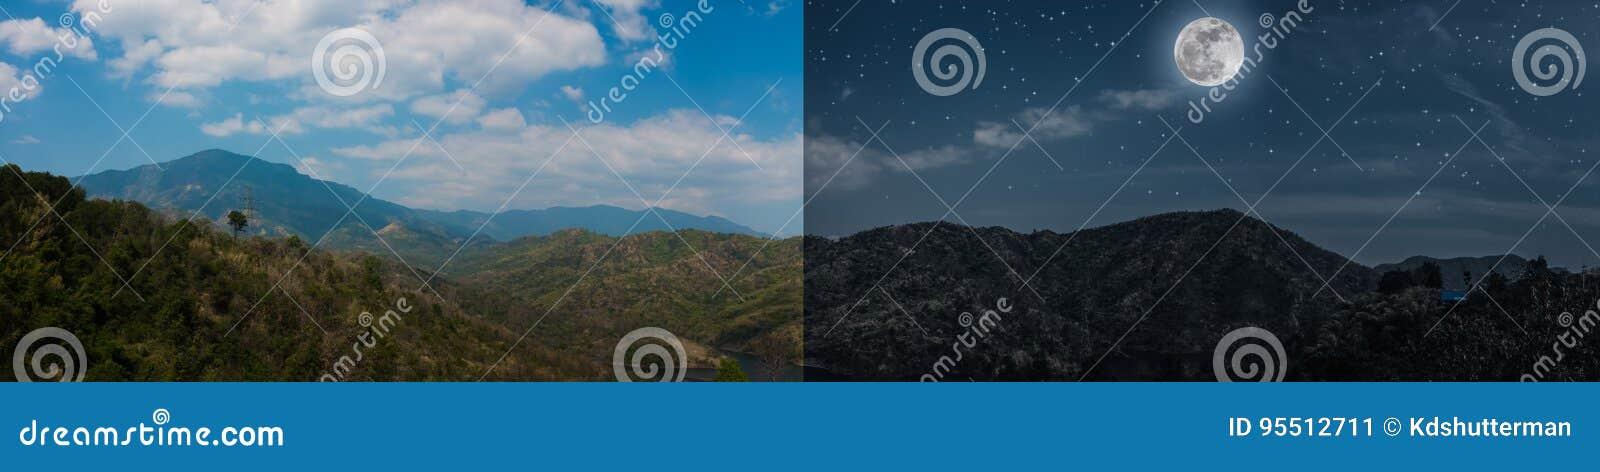 Día y noche concepto de imagen panorámica del paisaje del verano de montañas